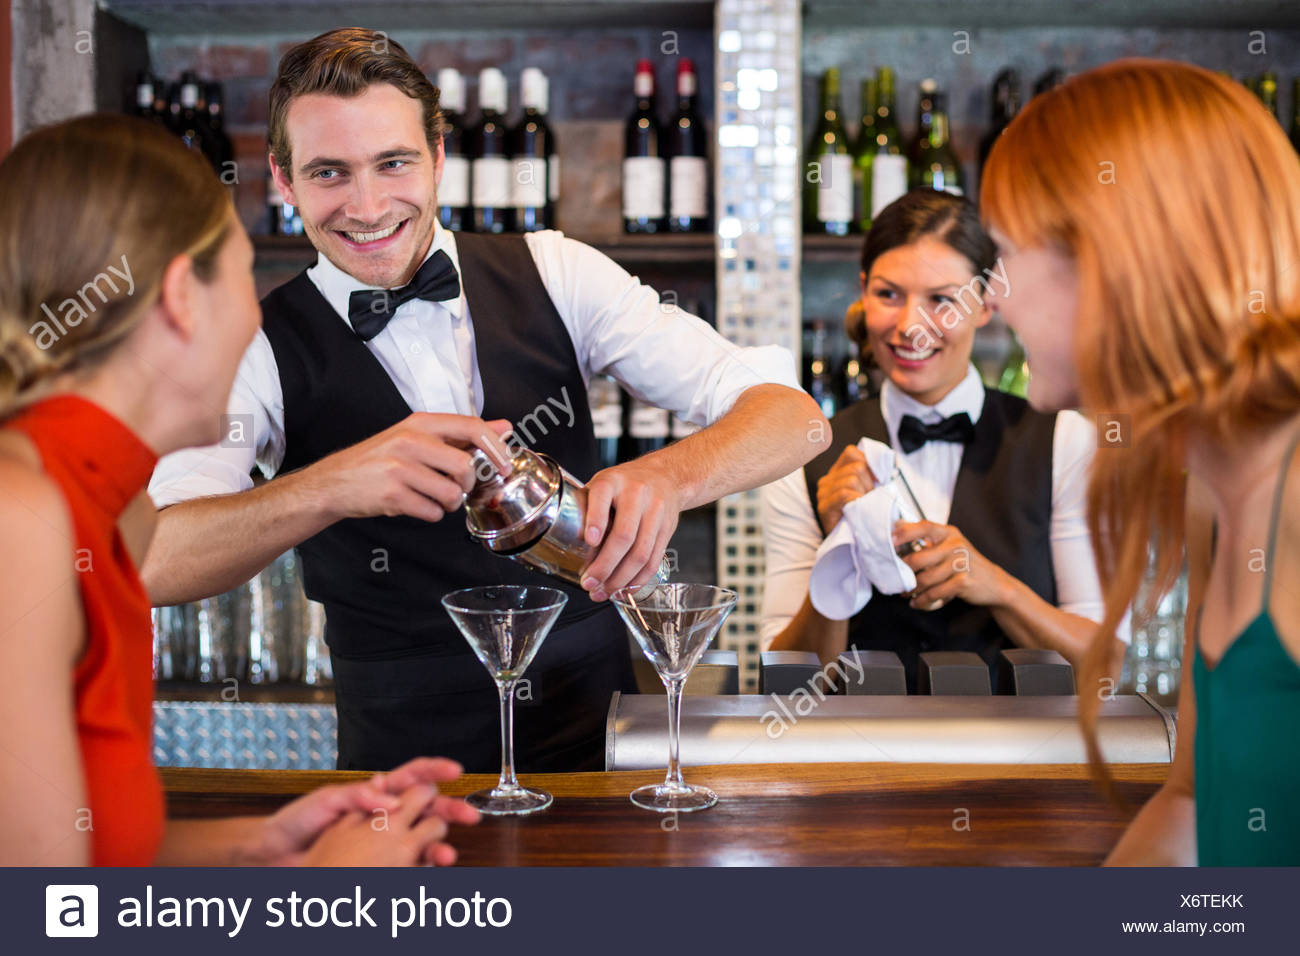 Friends standing au comptoir tout en préparant une boisson barman Photo Stock